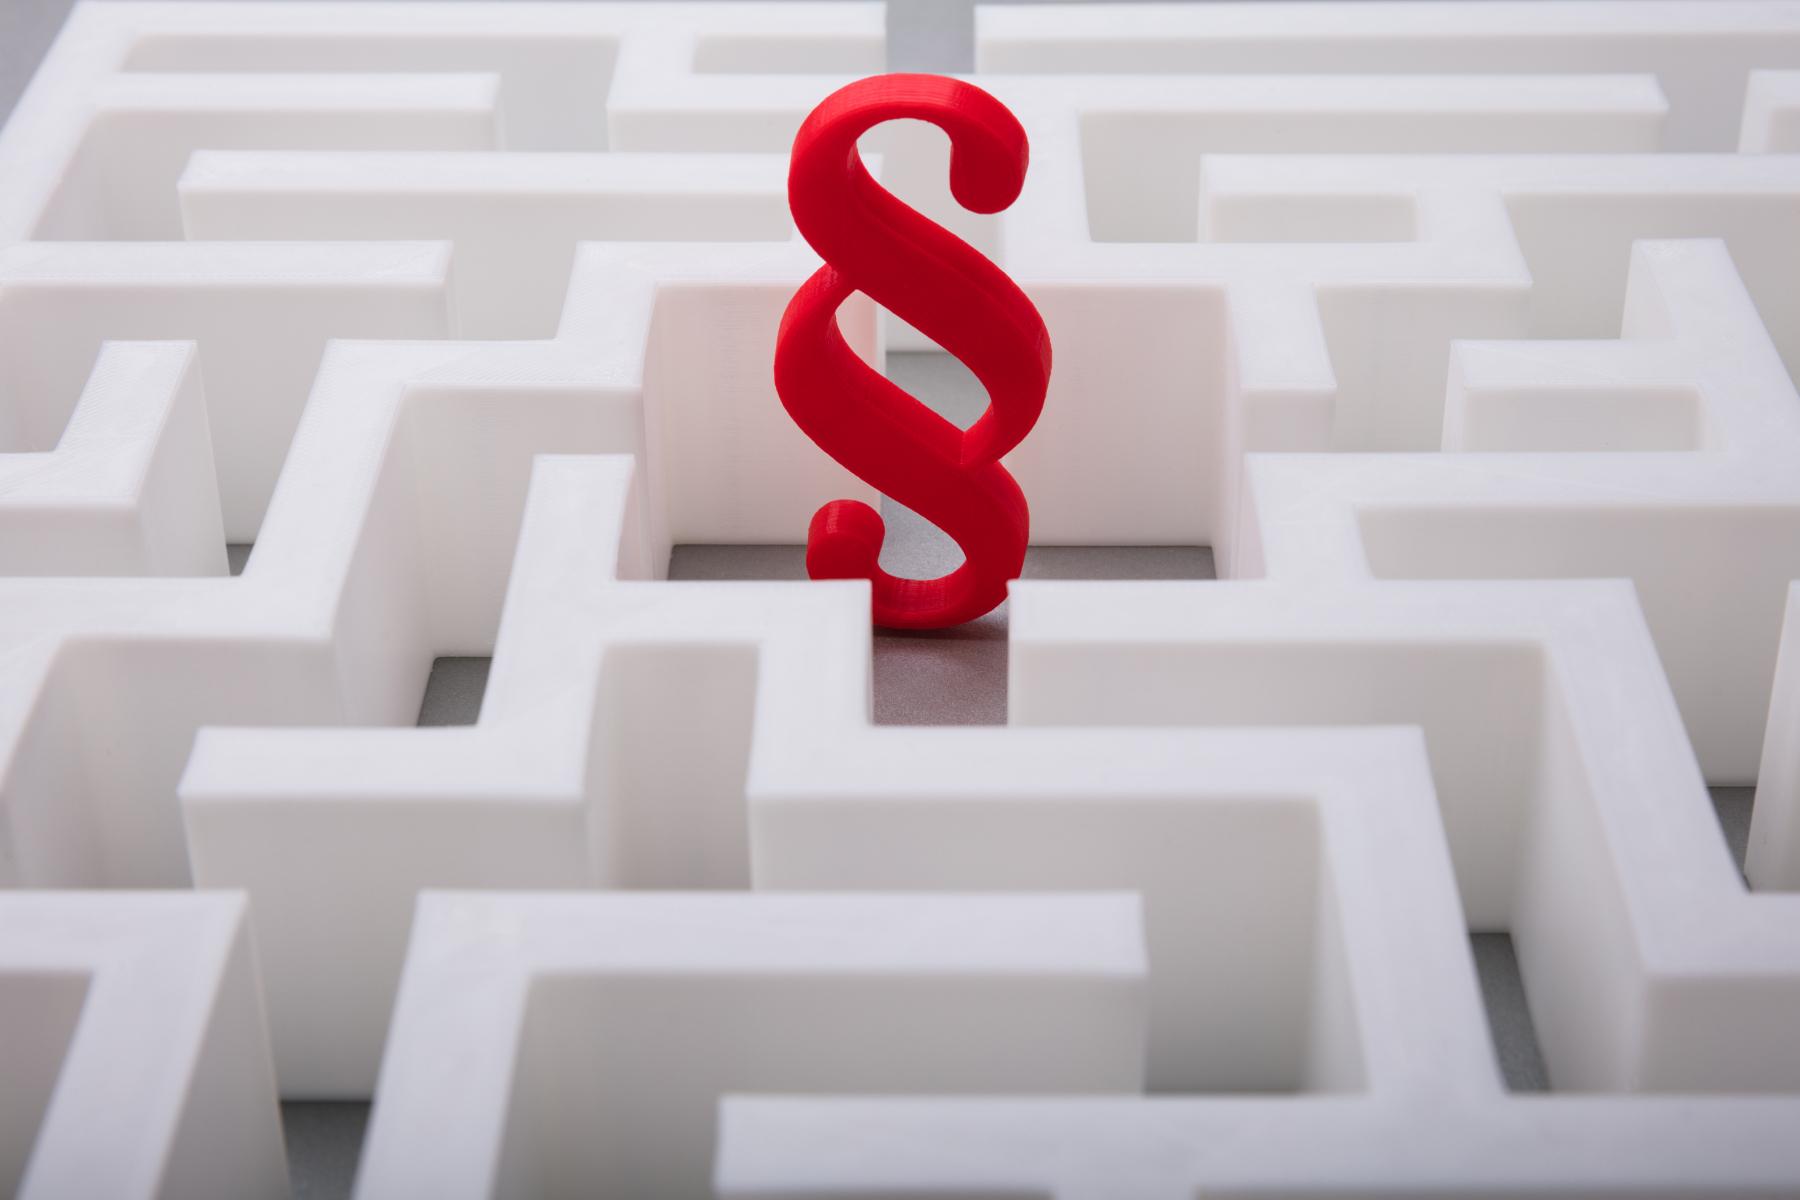 Raud paragraf symbol i midten av ein labyrint